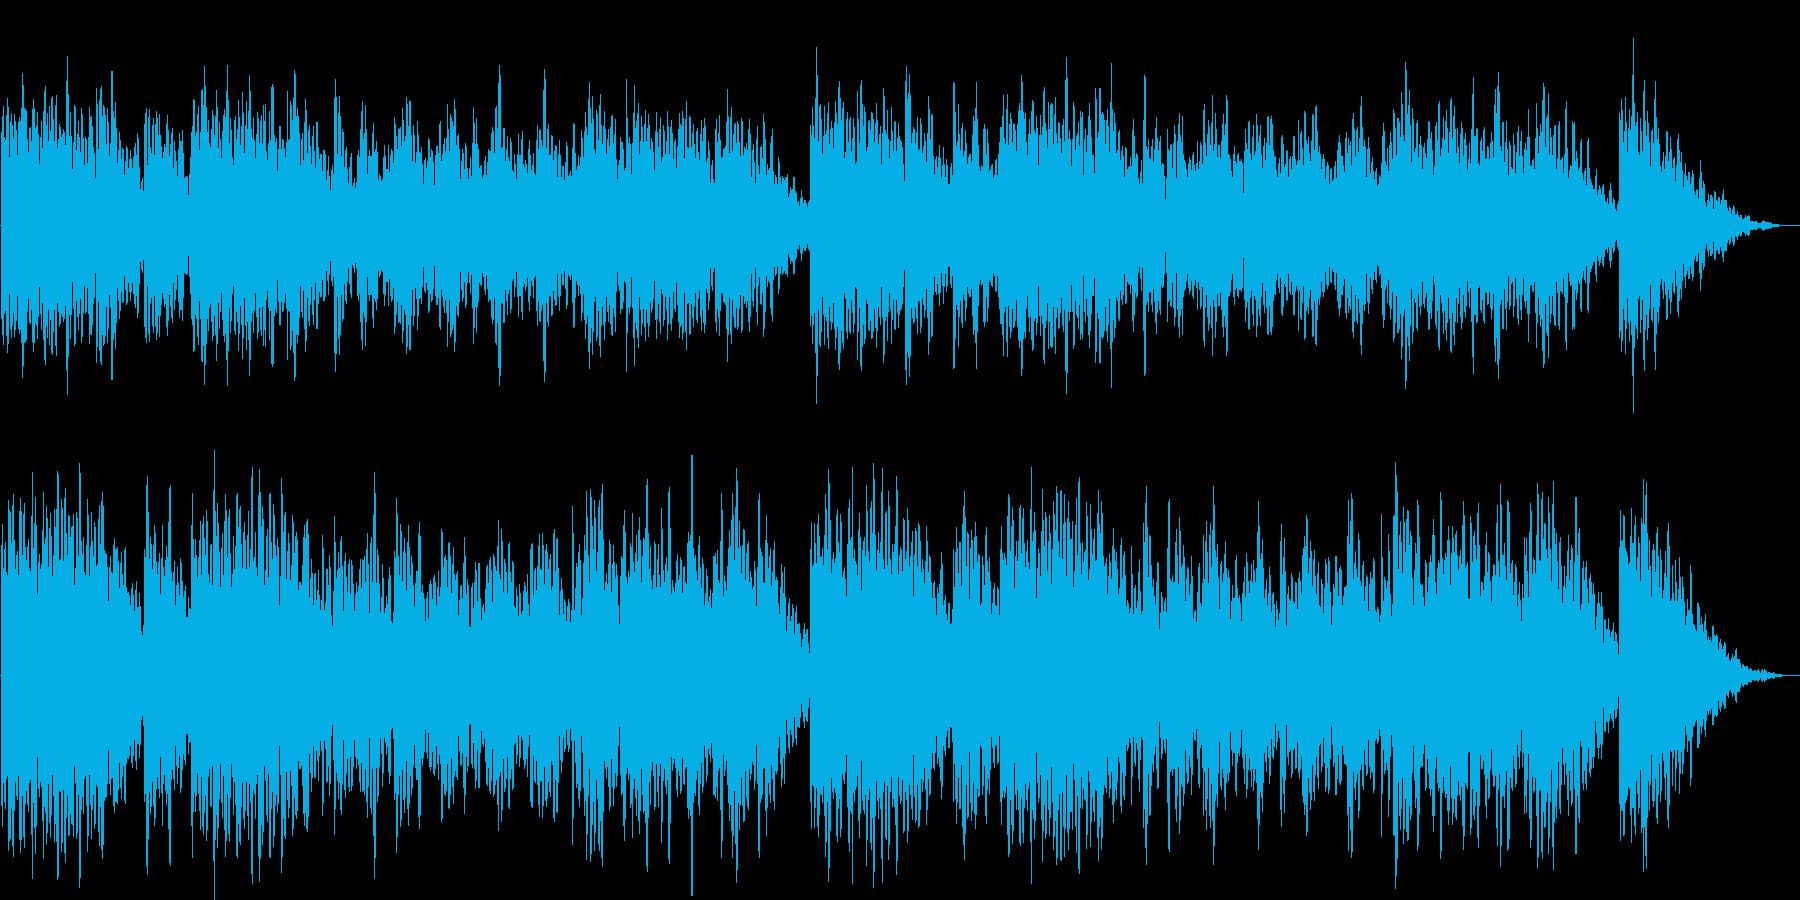 しっとりとしたヒーリングミュージックの再生済みの波形